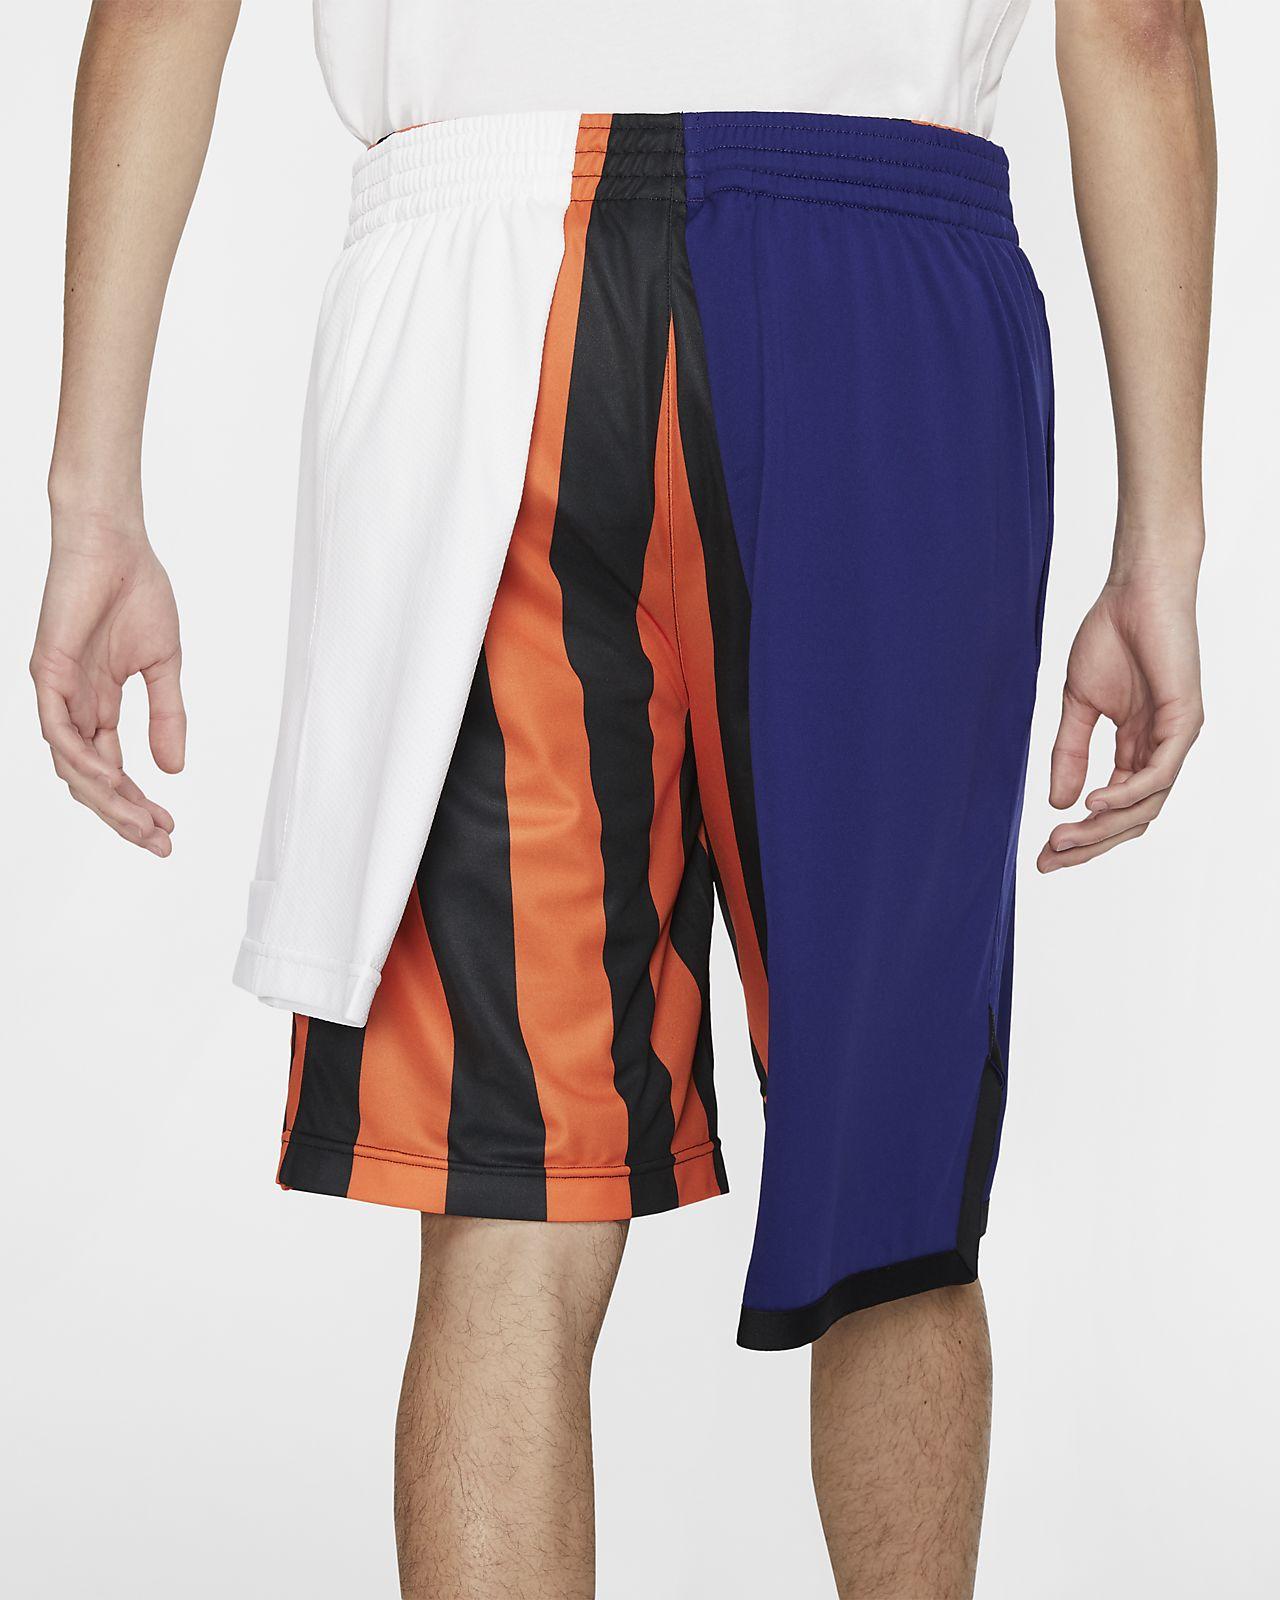 Collezione fitness pantaloncini, xl: prezzi, sconti | Drezzy